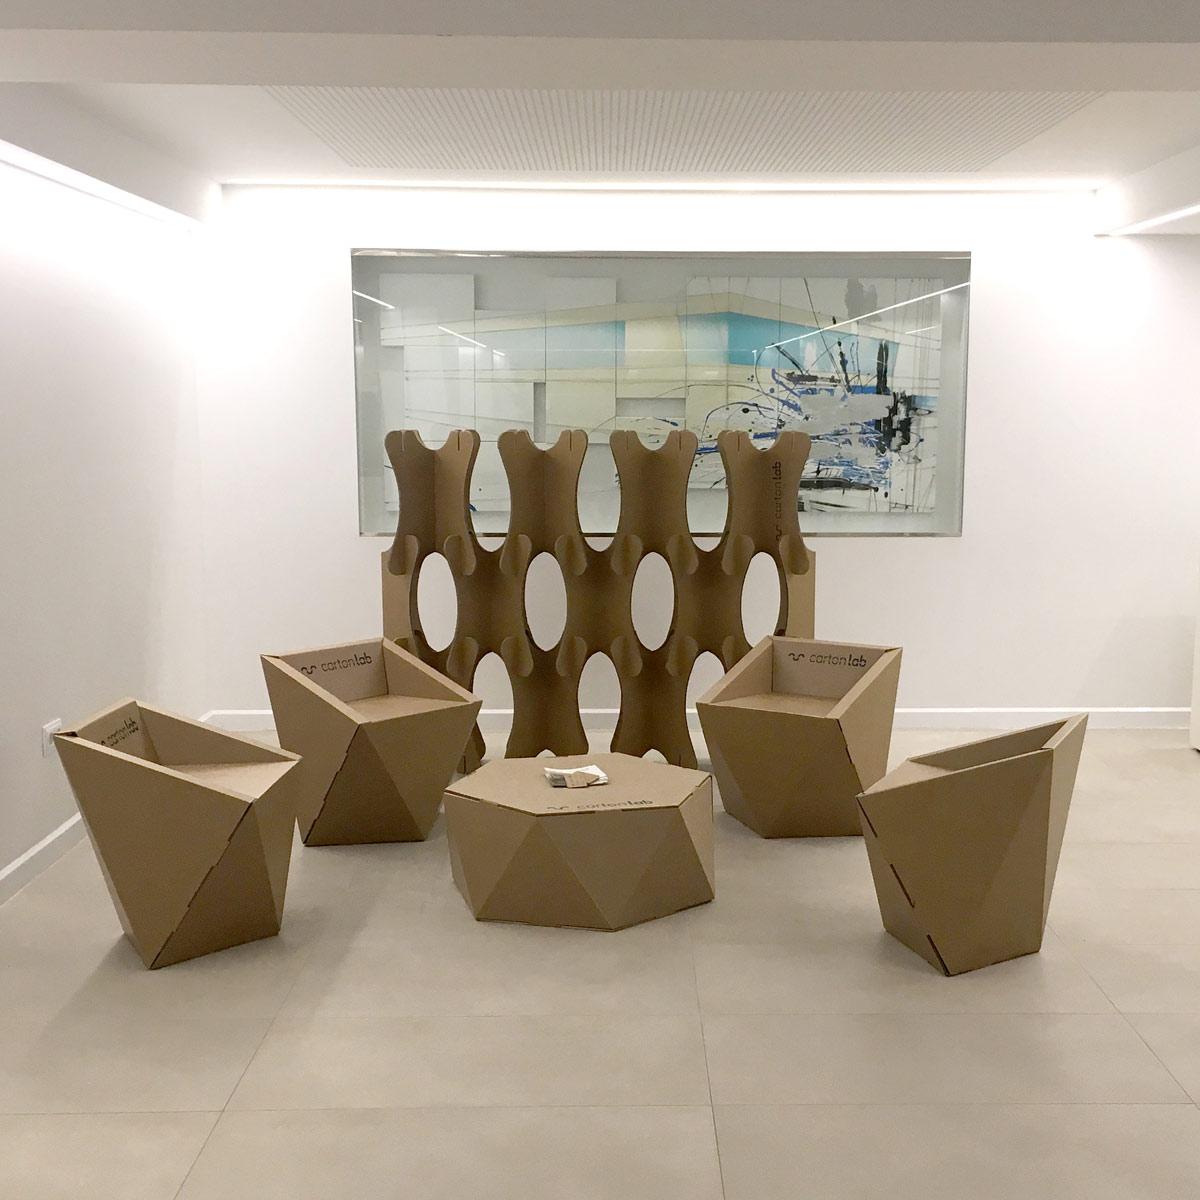 Mobiliario para zona de descanso arquitectura y empresa for Mobiliario empresas